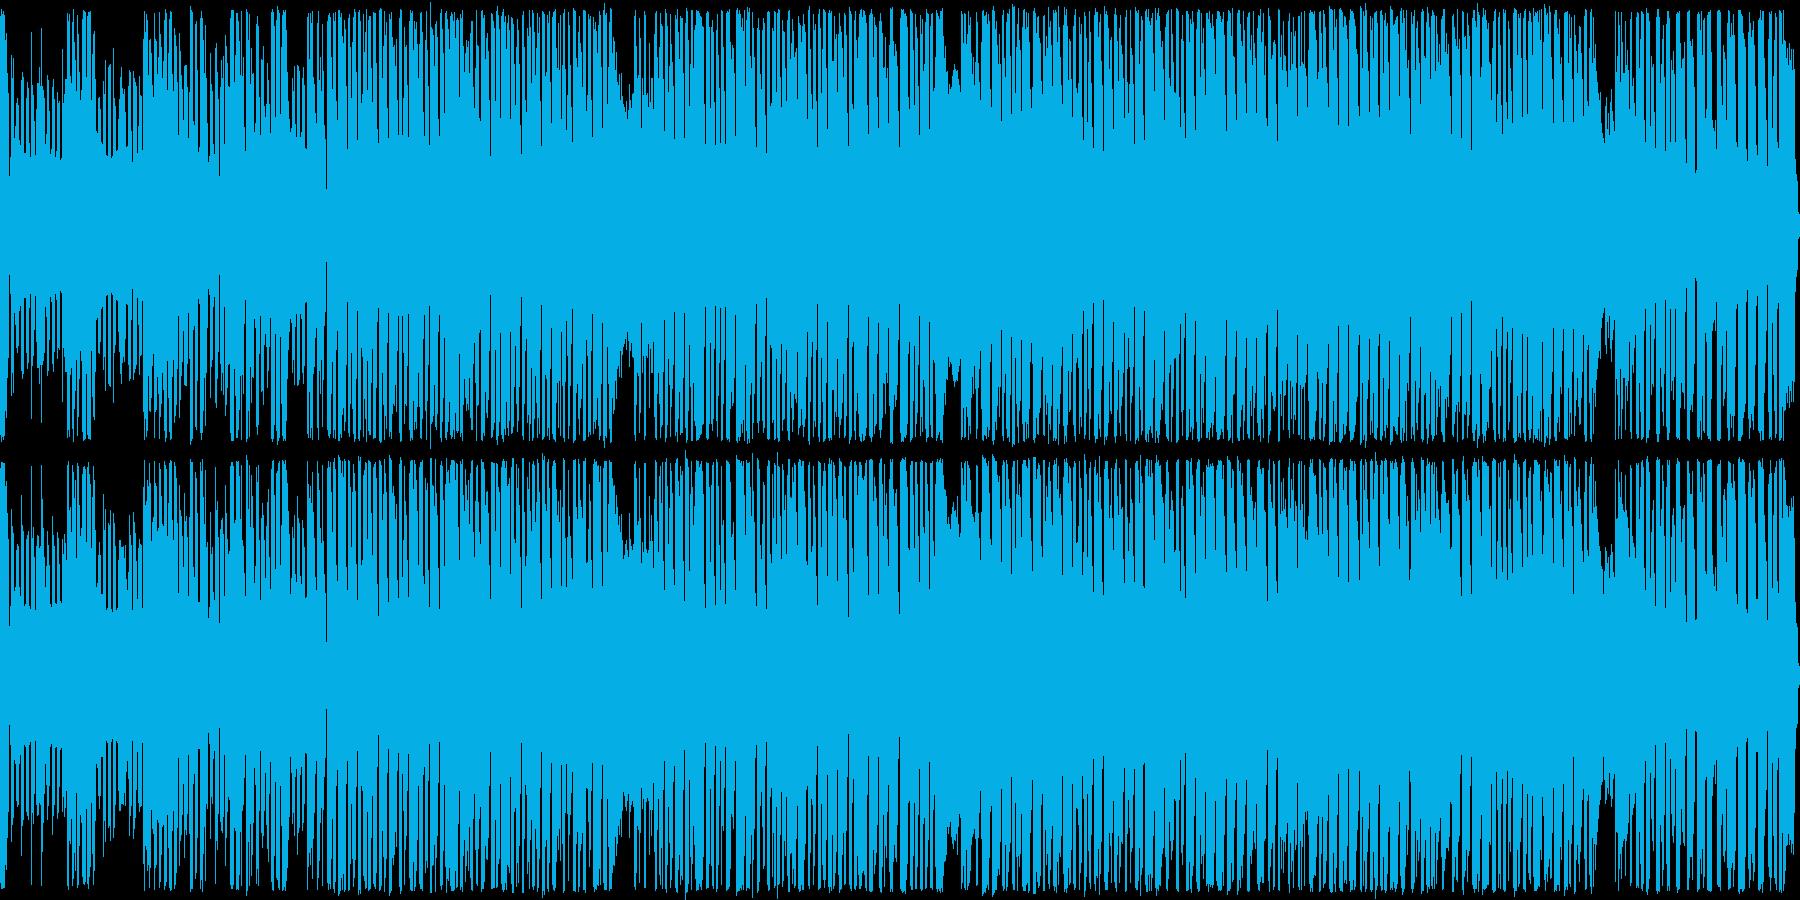 ハイテンポでノリノリのテクノポップの再生済みの波形